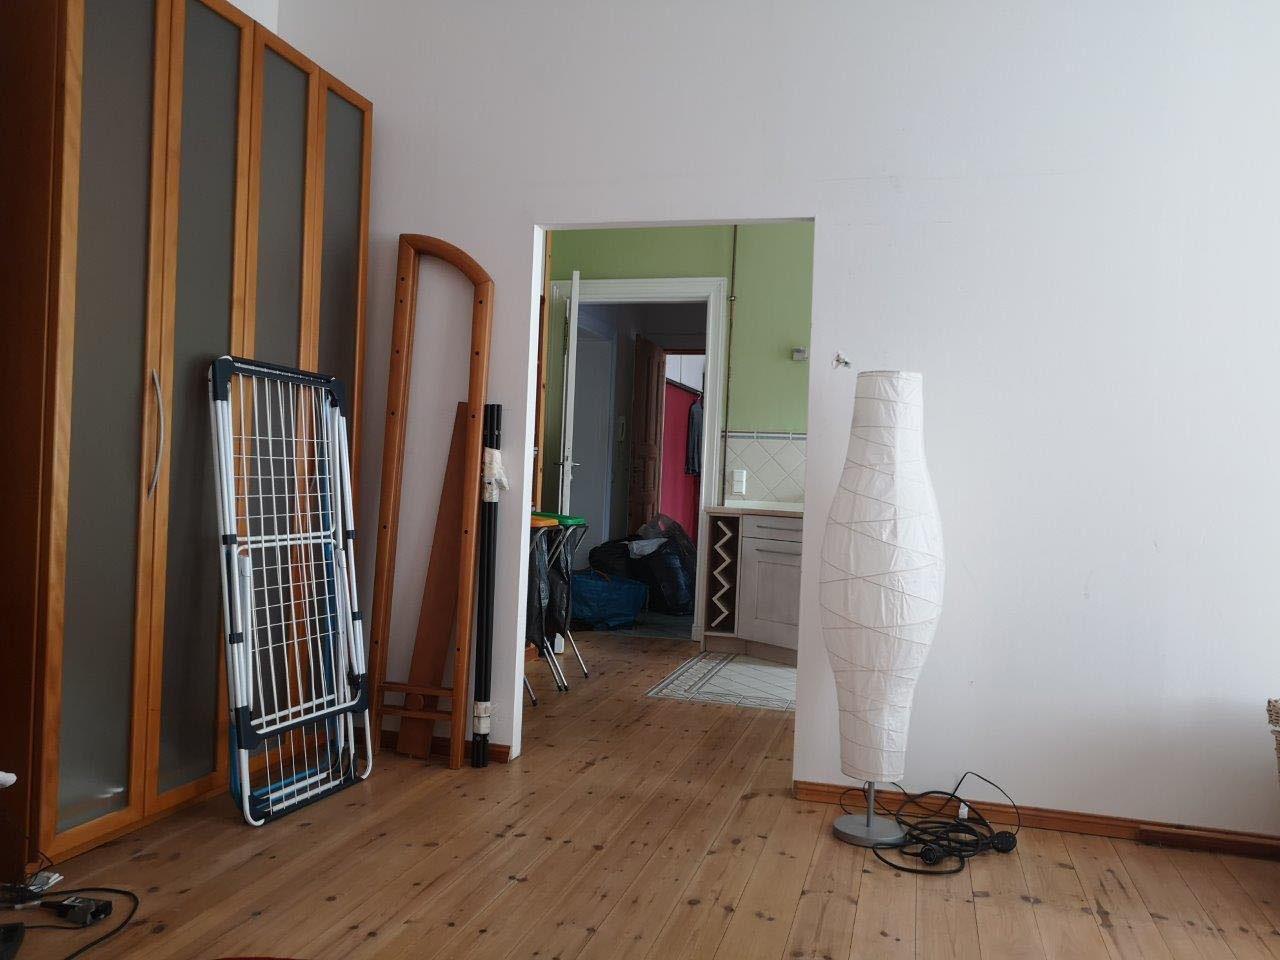 dielen schleifen pfarrstrasse rummelsburg berlin dielendesign dielen parkett schleifen berlin. Black Bedroom Furniture Sets. Home Design Ideas